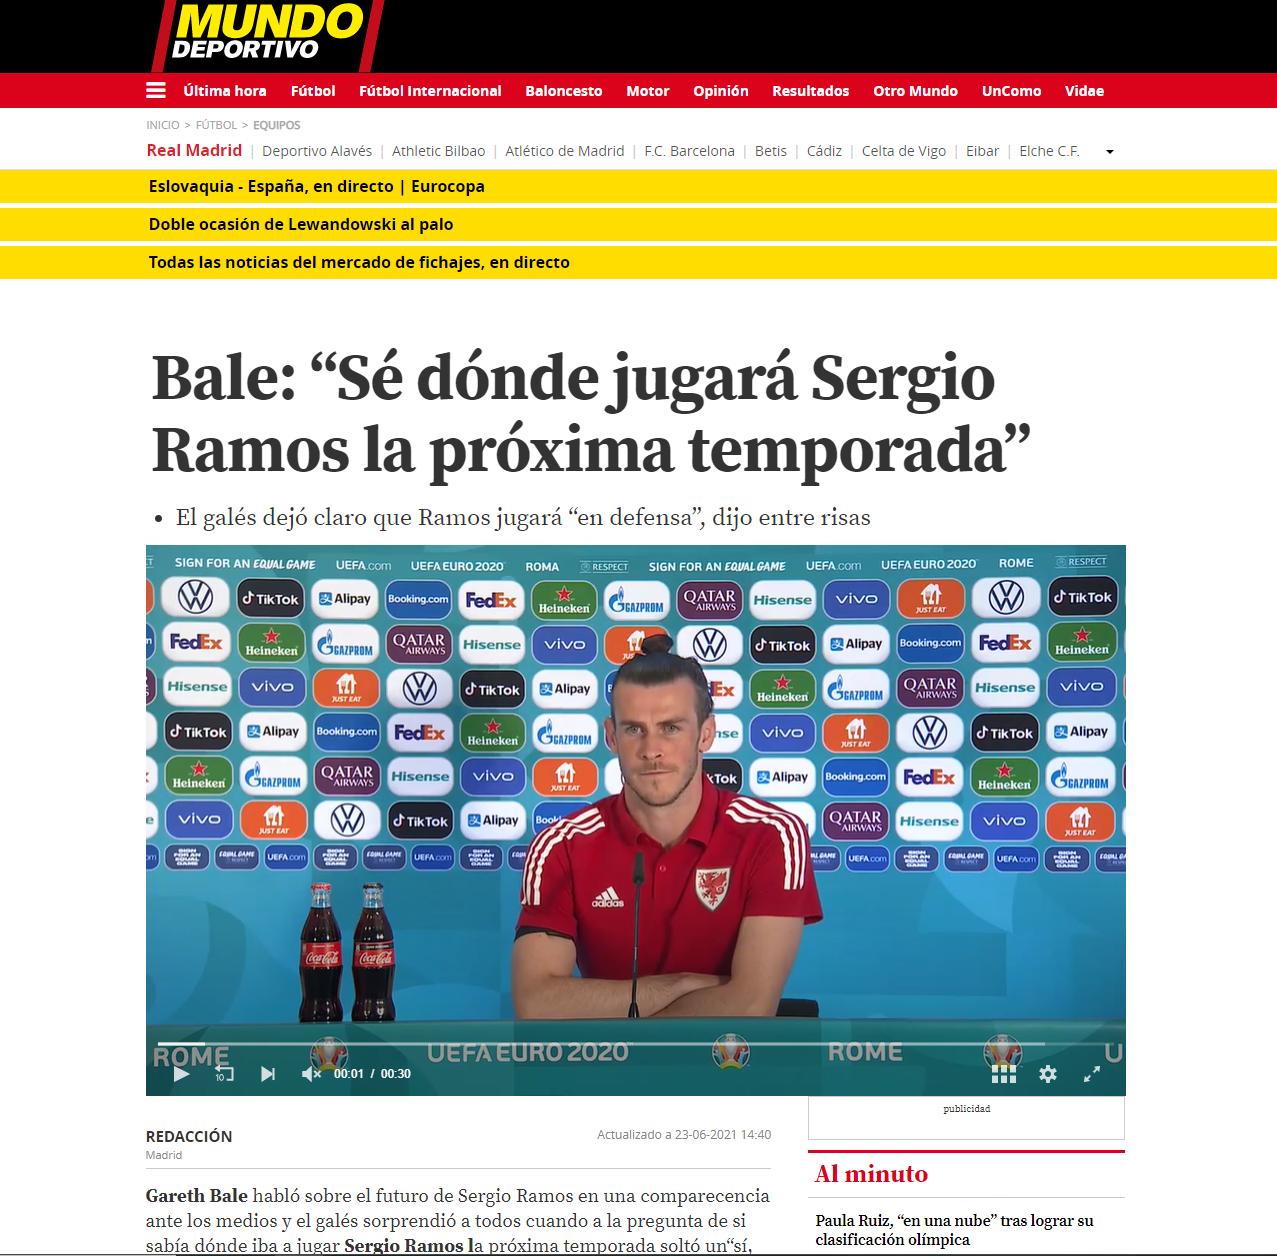 """الخبر في """"موندو ديبورتيفو"""" الإسبانية"""